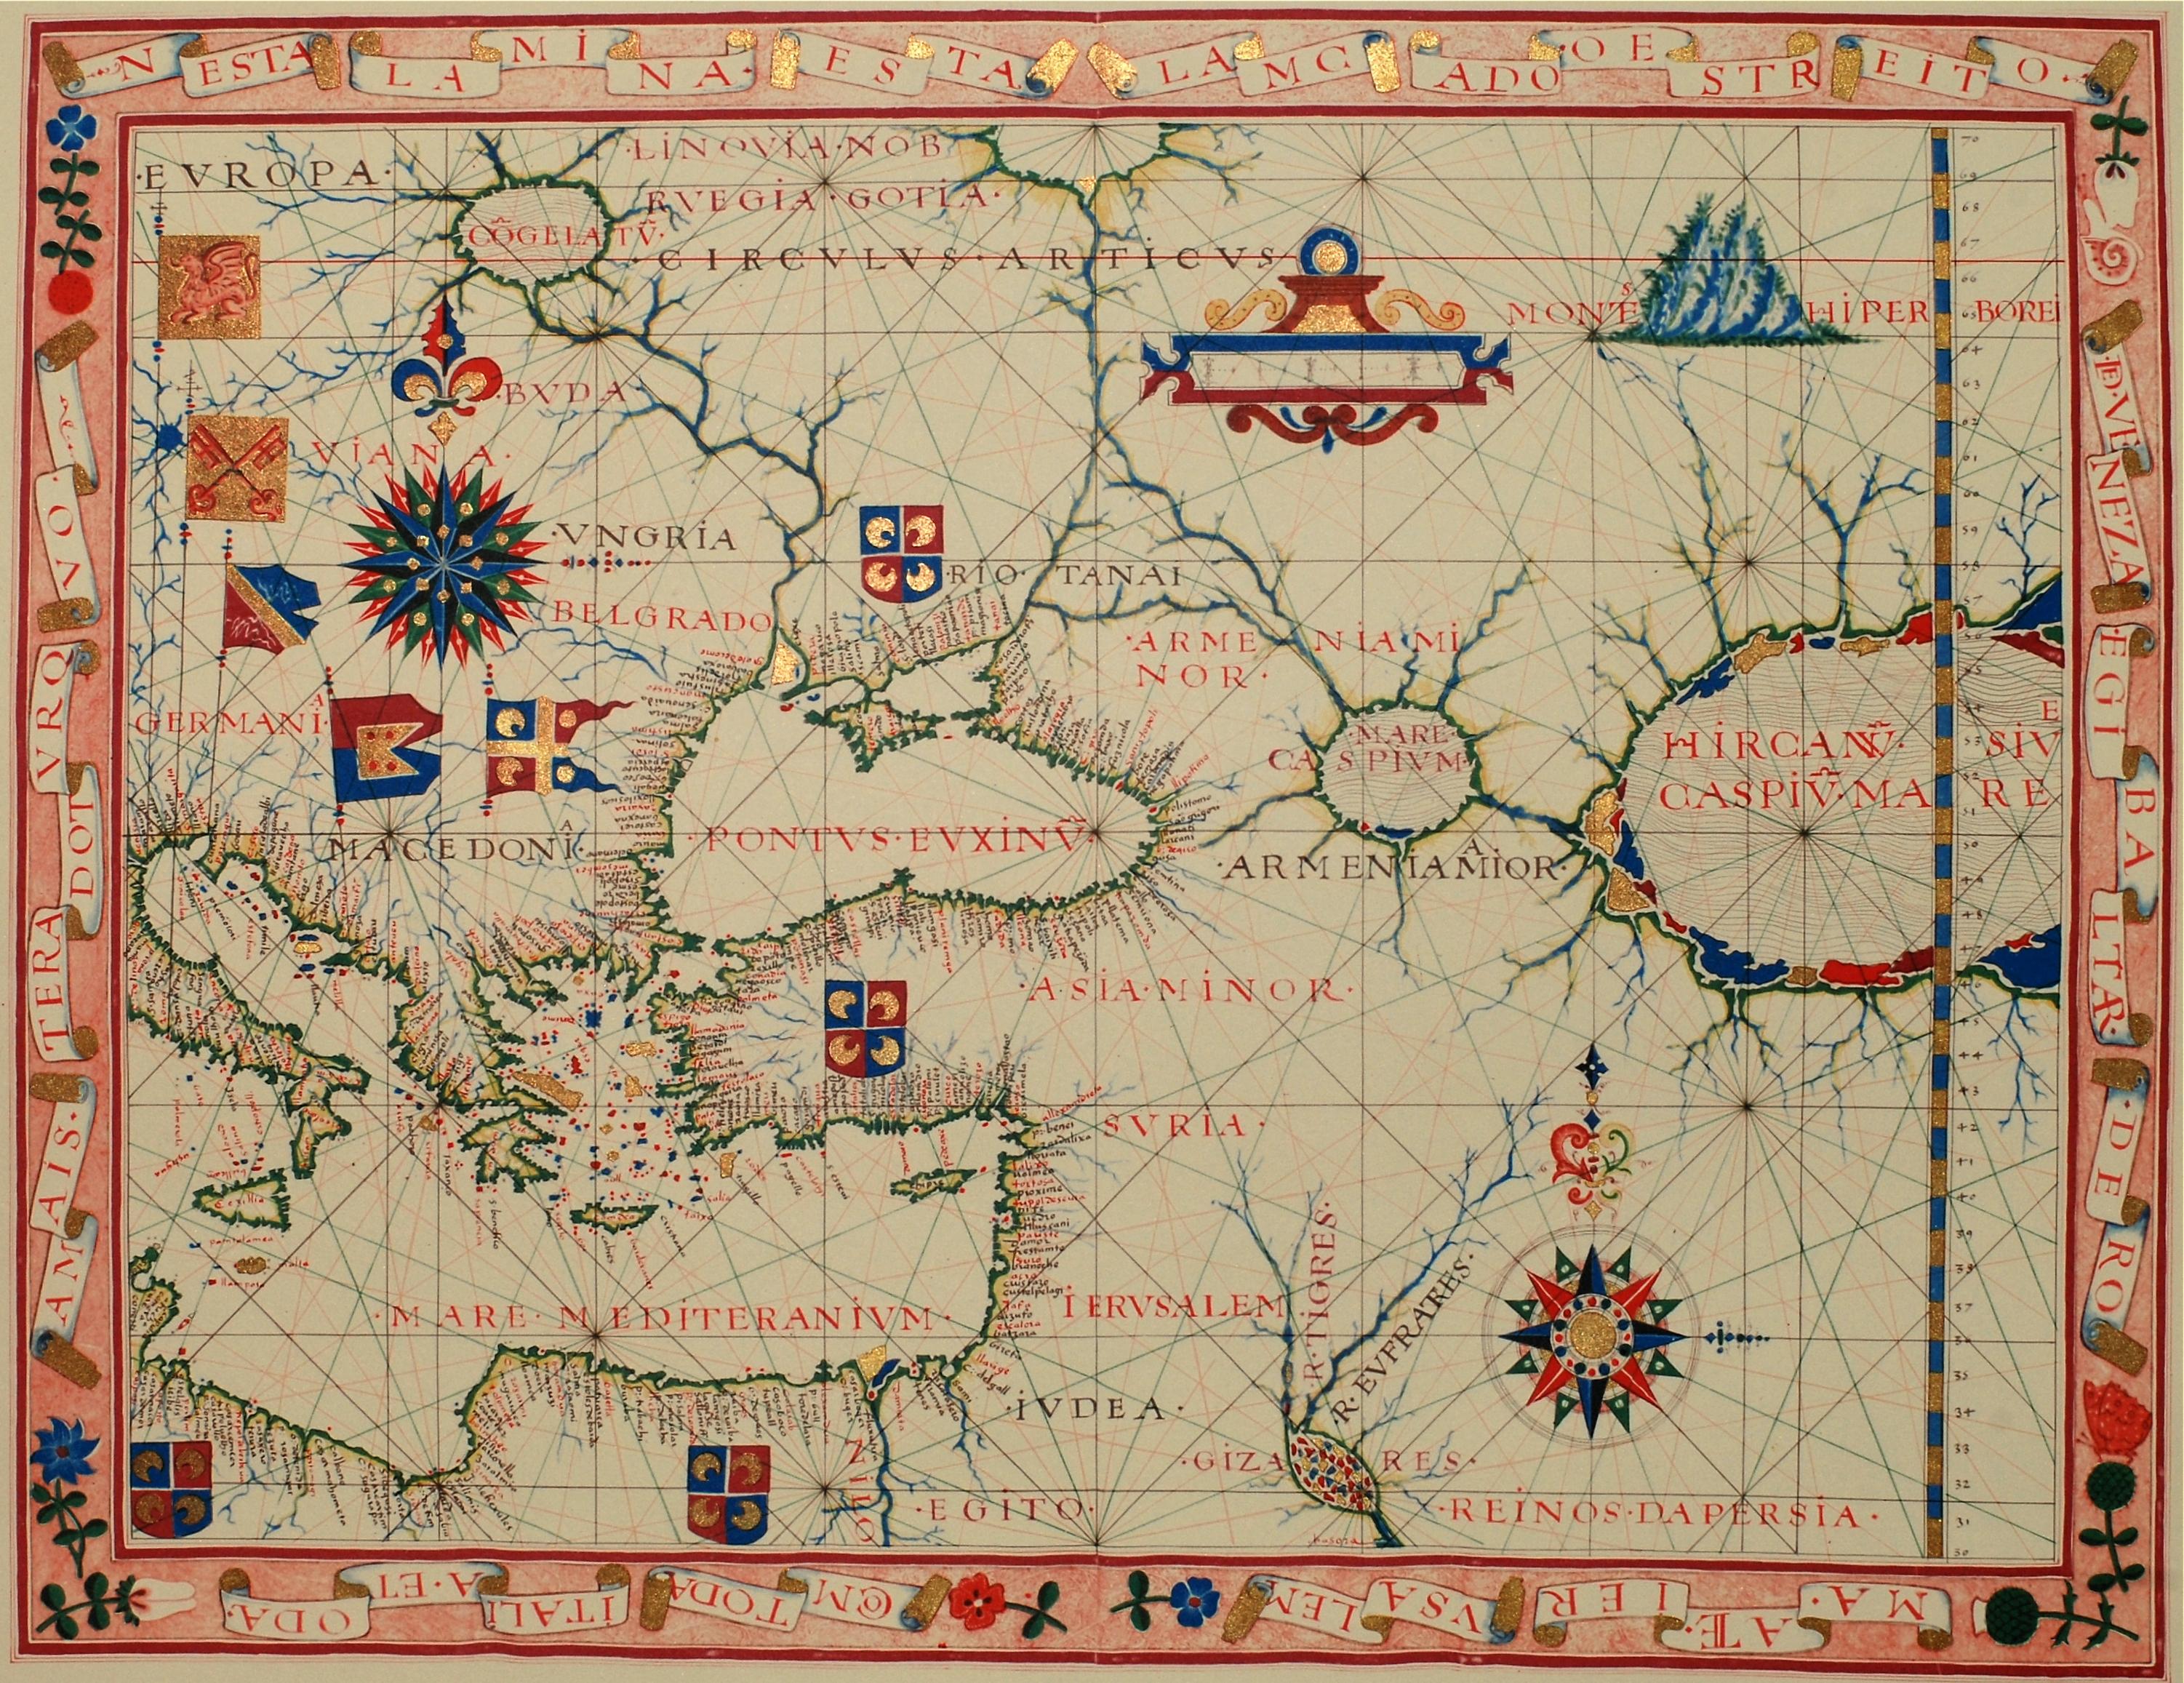 Old Map Of Caucasus Archives PeopleOfAr - Caucasus map